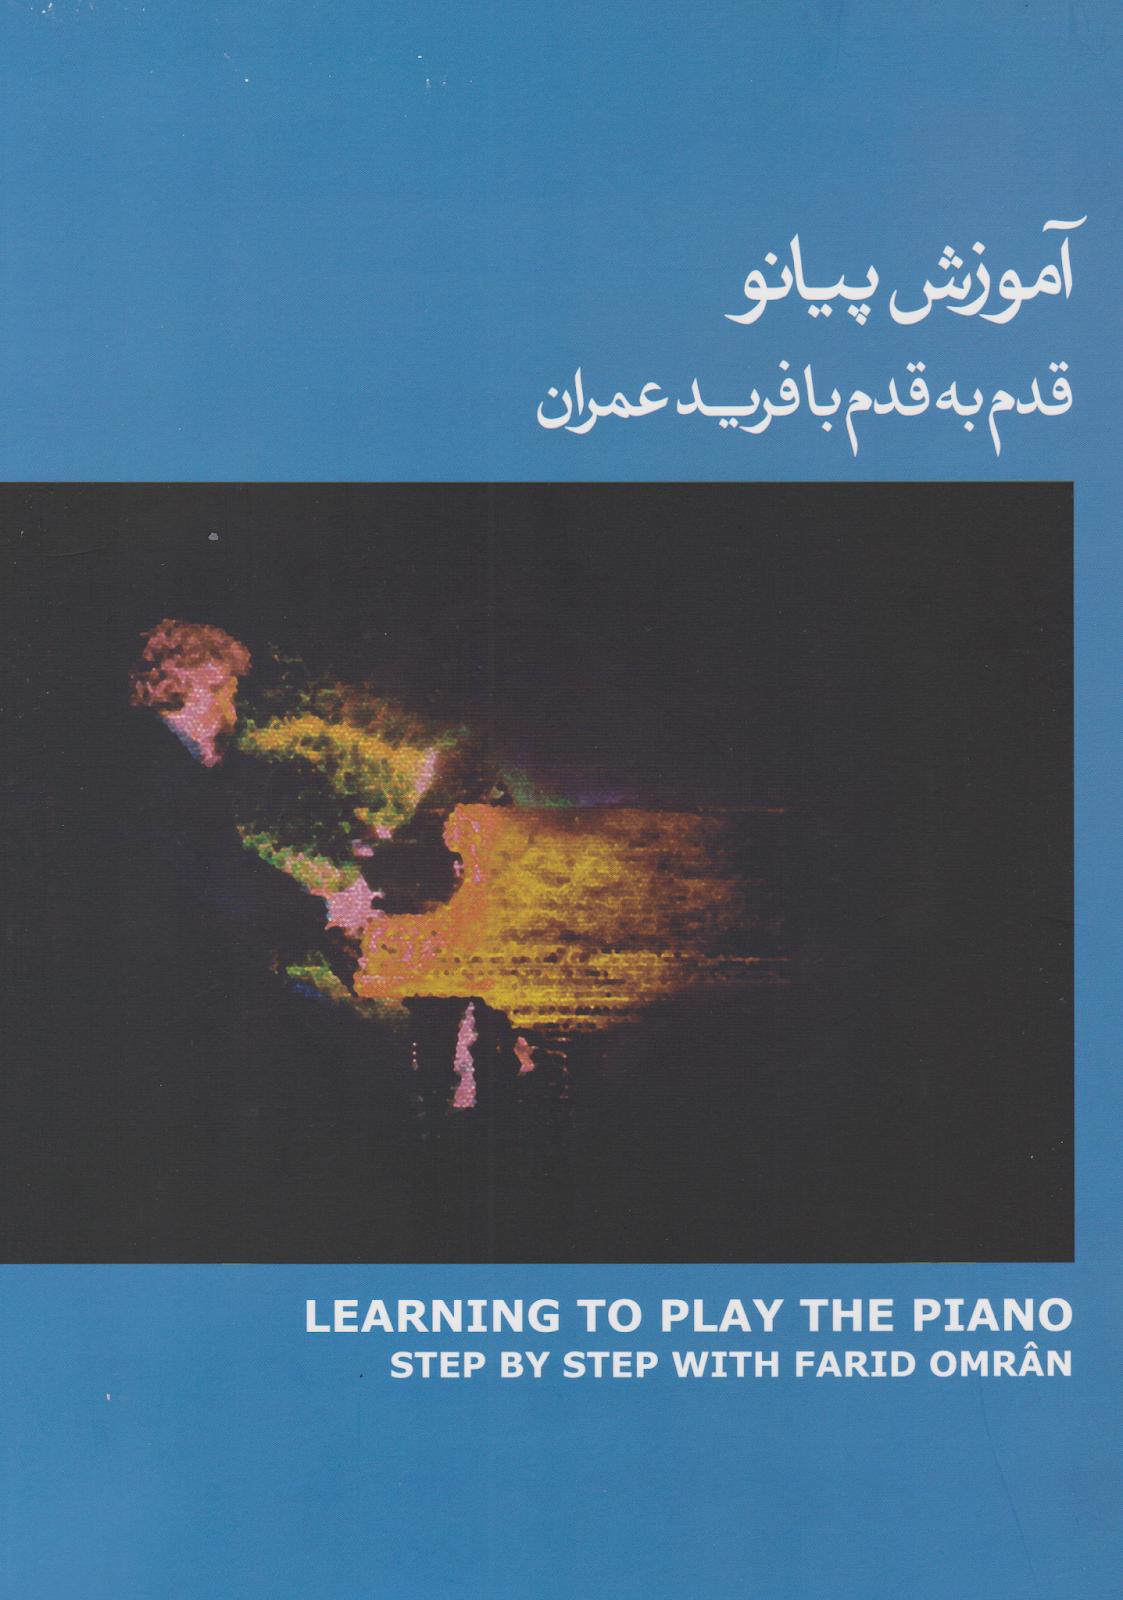 کتاب سوم آموزش پیانو قدم به قدم فرید عمران انتشارات ماهور